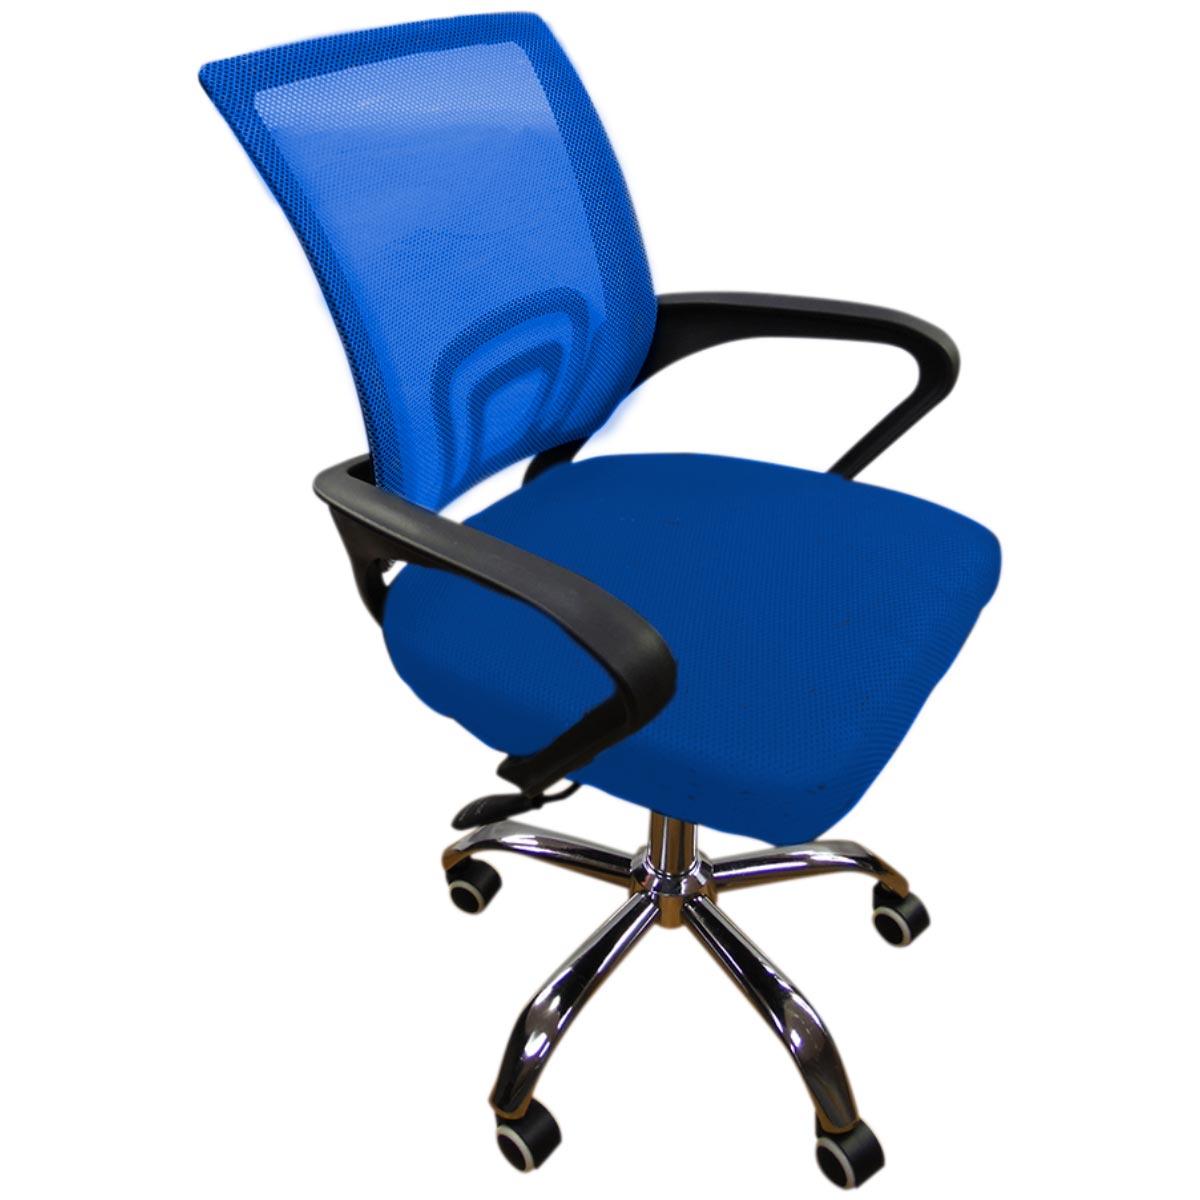 Silla De Oficina Ejecutiva Escritorio Mesch Ergonomica Azul